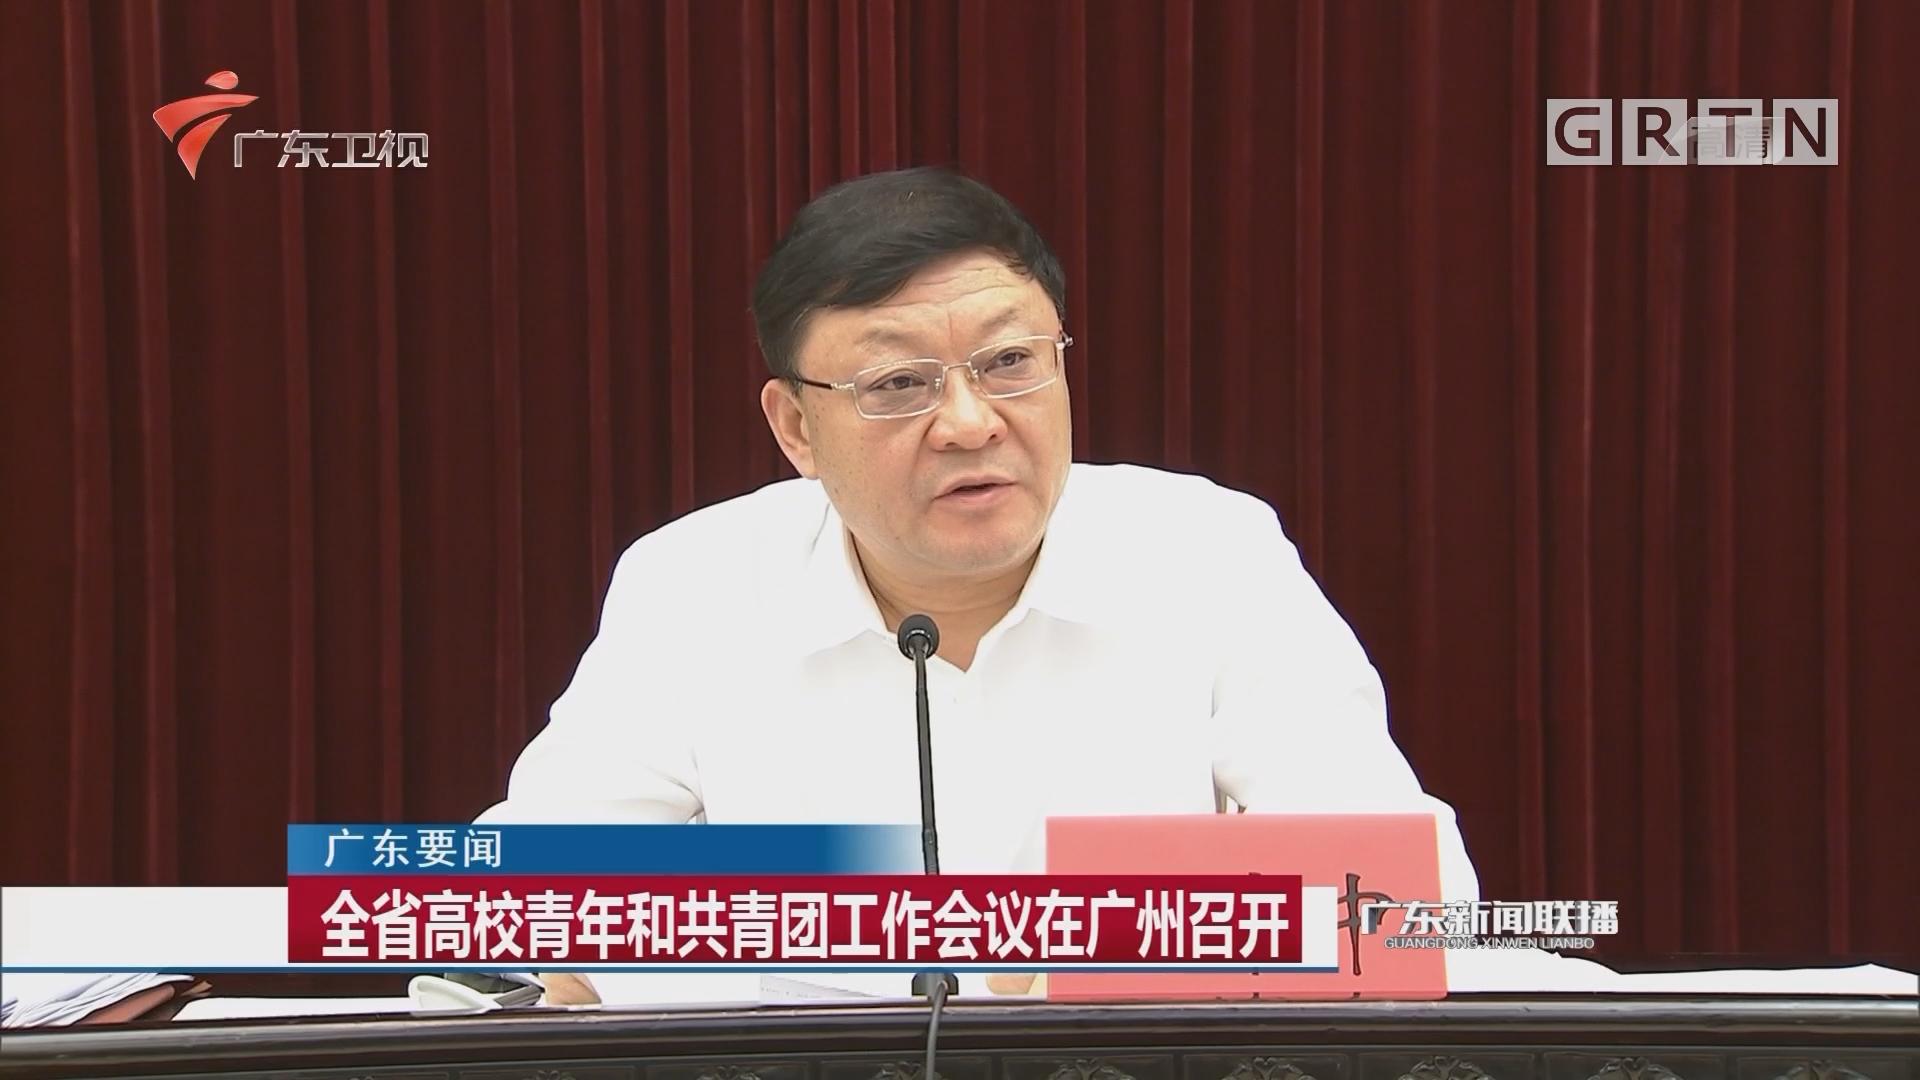 全省高校青年和共青团工作会议在广州召开